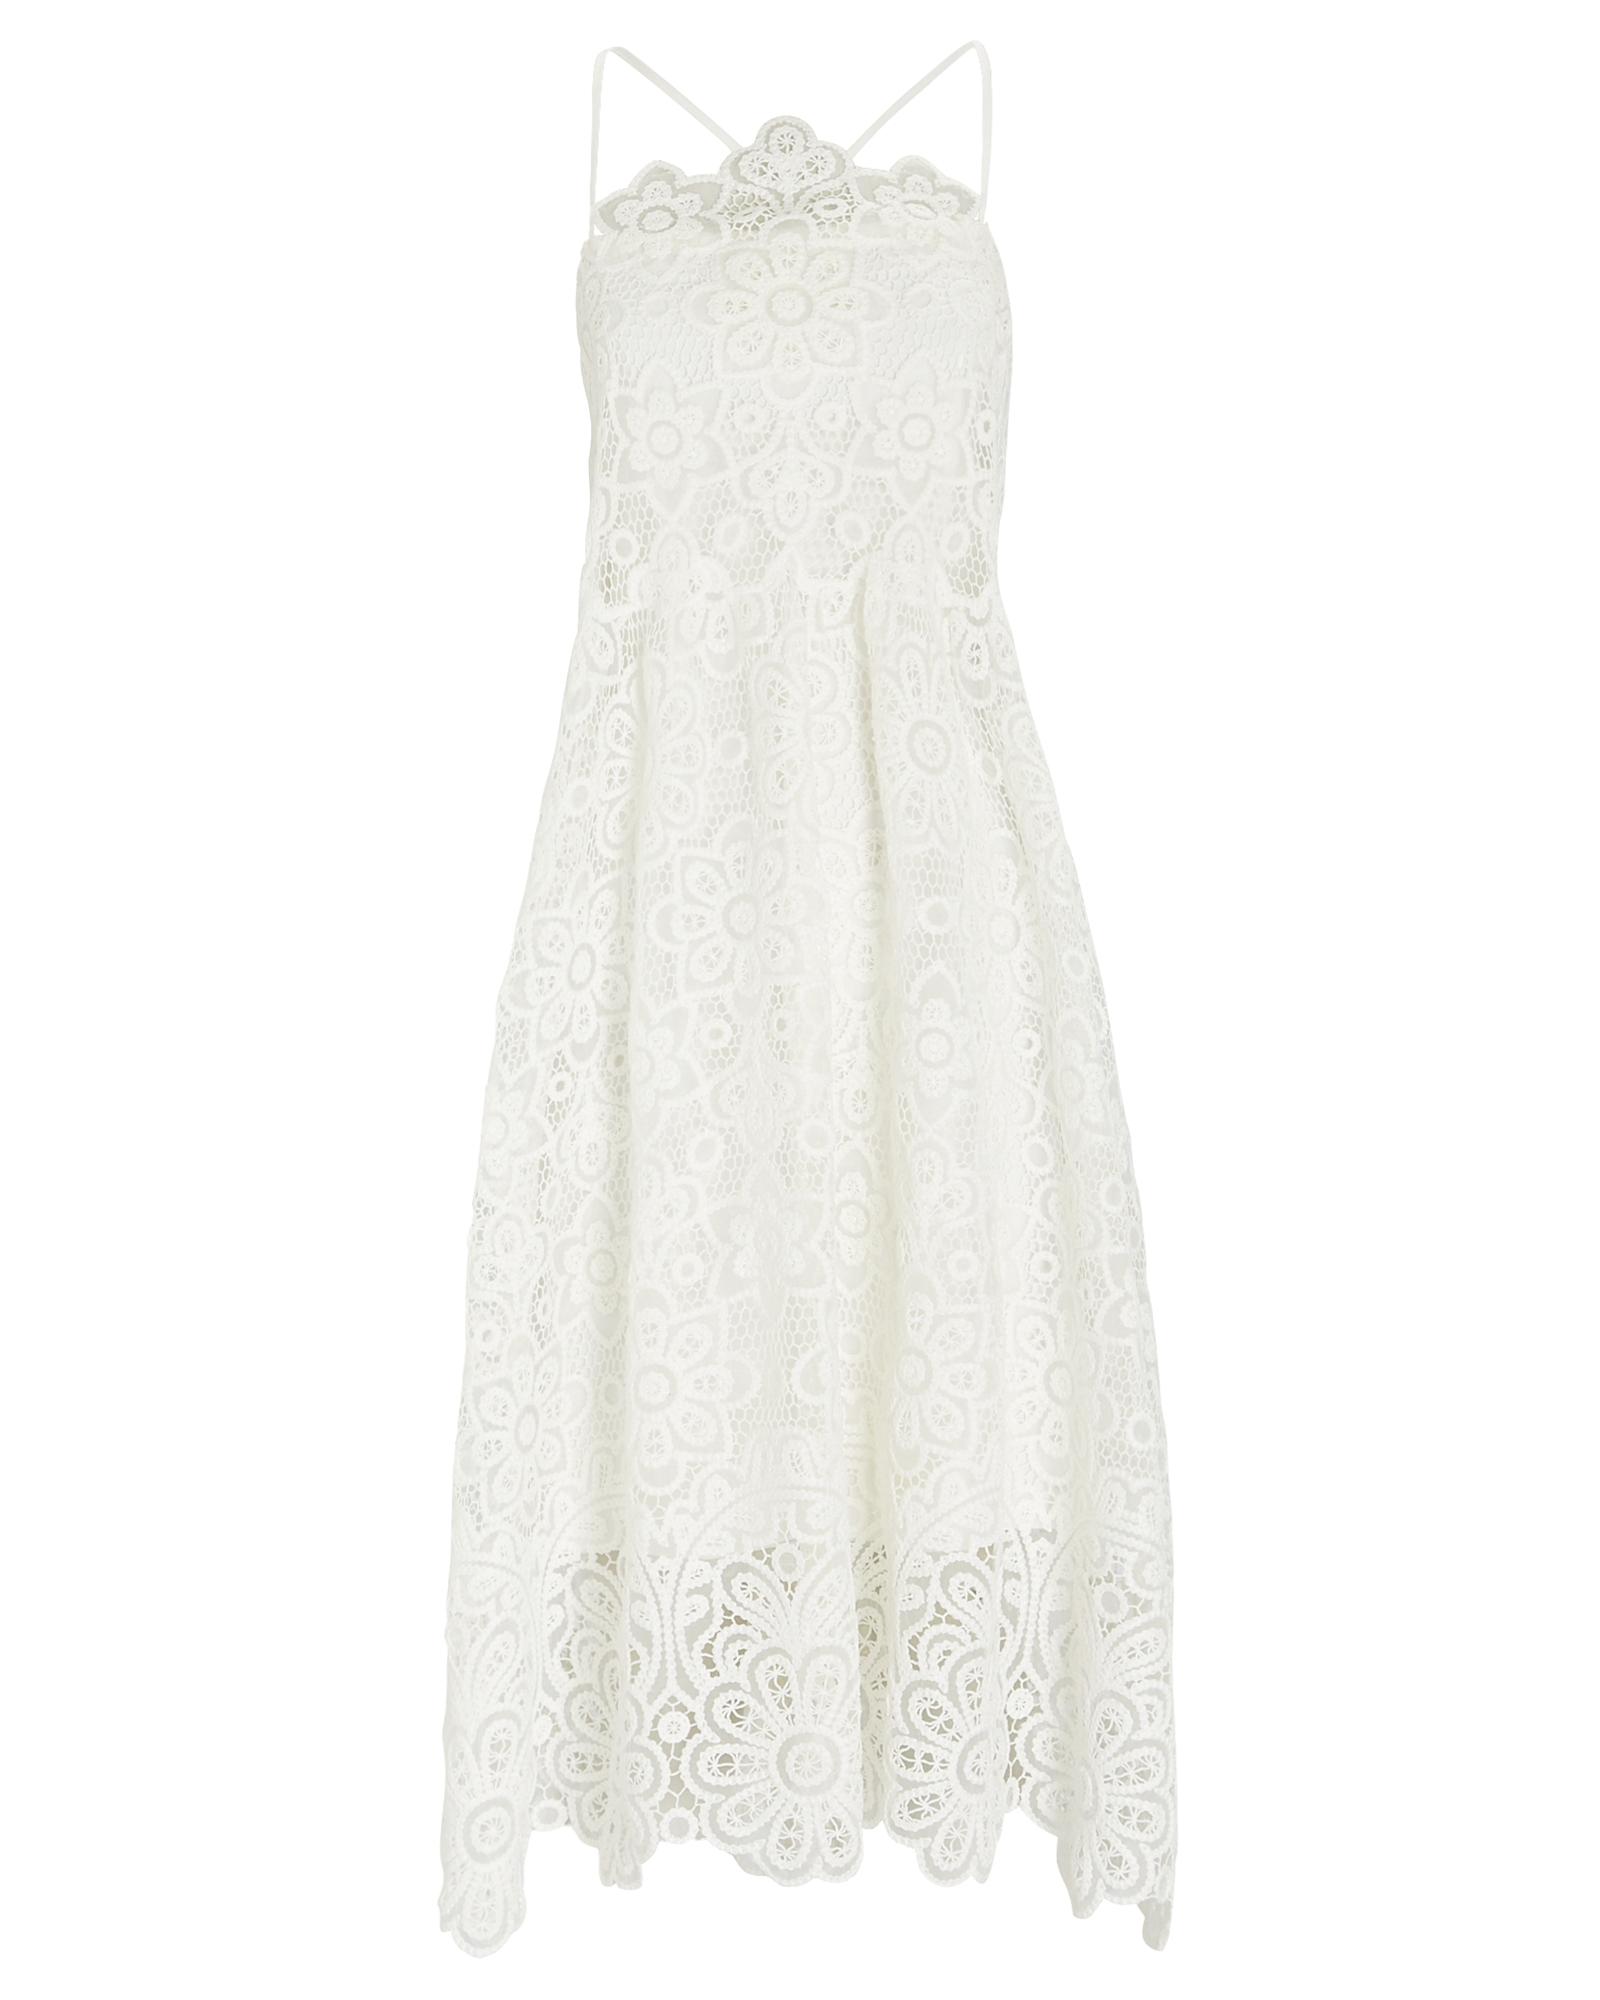 Jonathan Simkhai Zayna Crochet Guipure Lace Dress